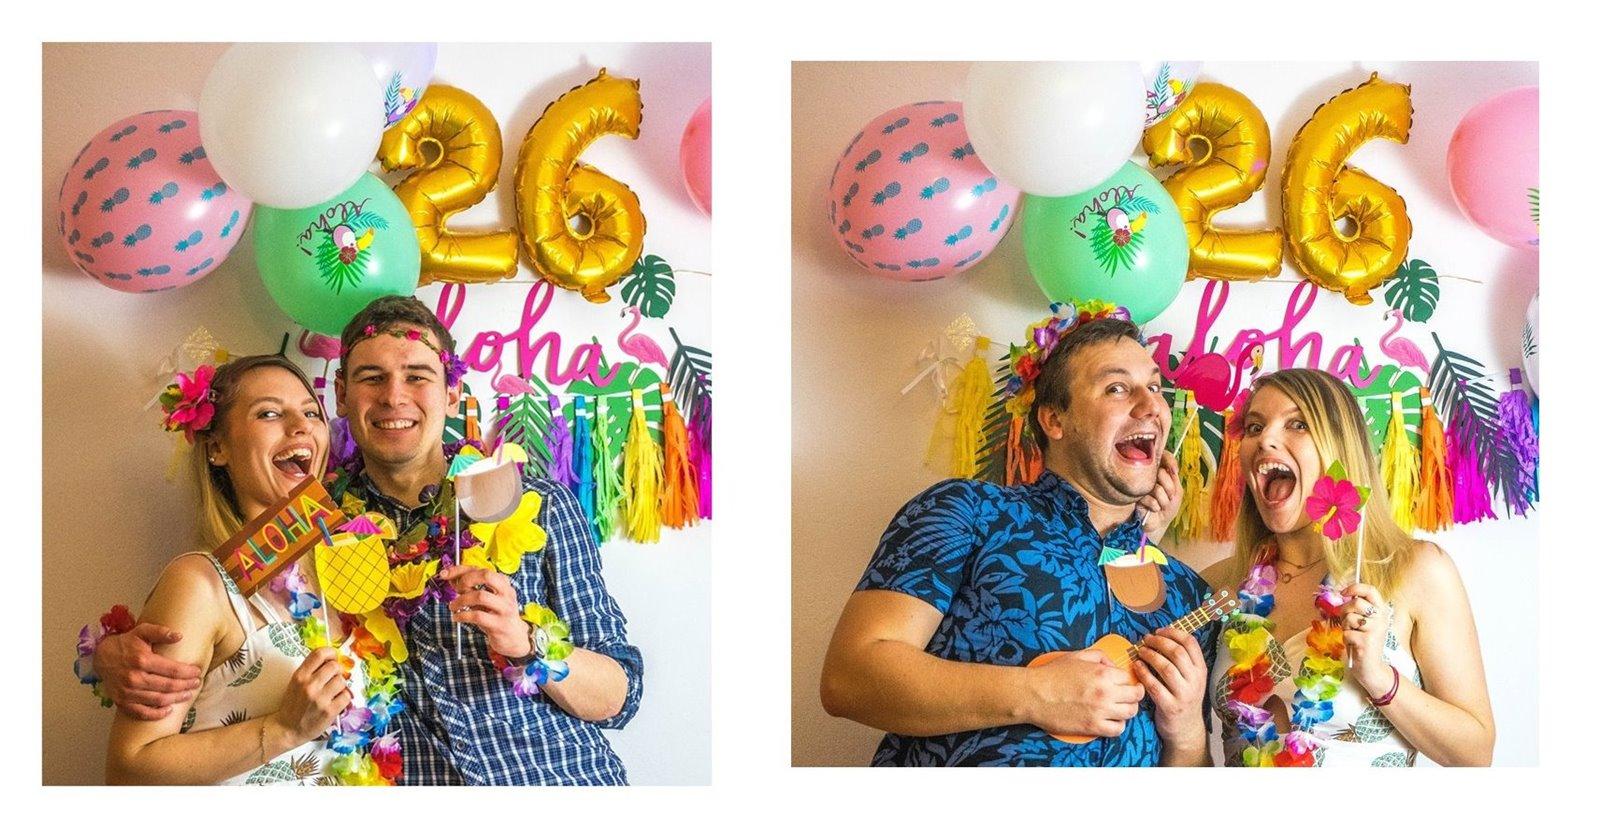 17a  jak zorganizować atrakcje na urodziny imprezy dla dorosłych fotobudka diy pomysły na urodziny co zrobić atrakcje jedzenie zdjęcia pamiątki dodatki styl hawajski tematyczne urodziny imprezy